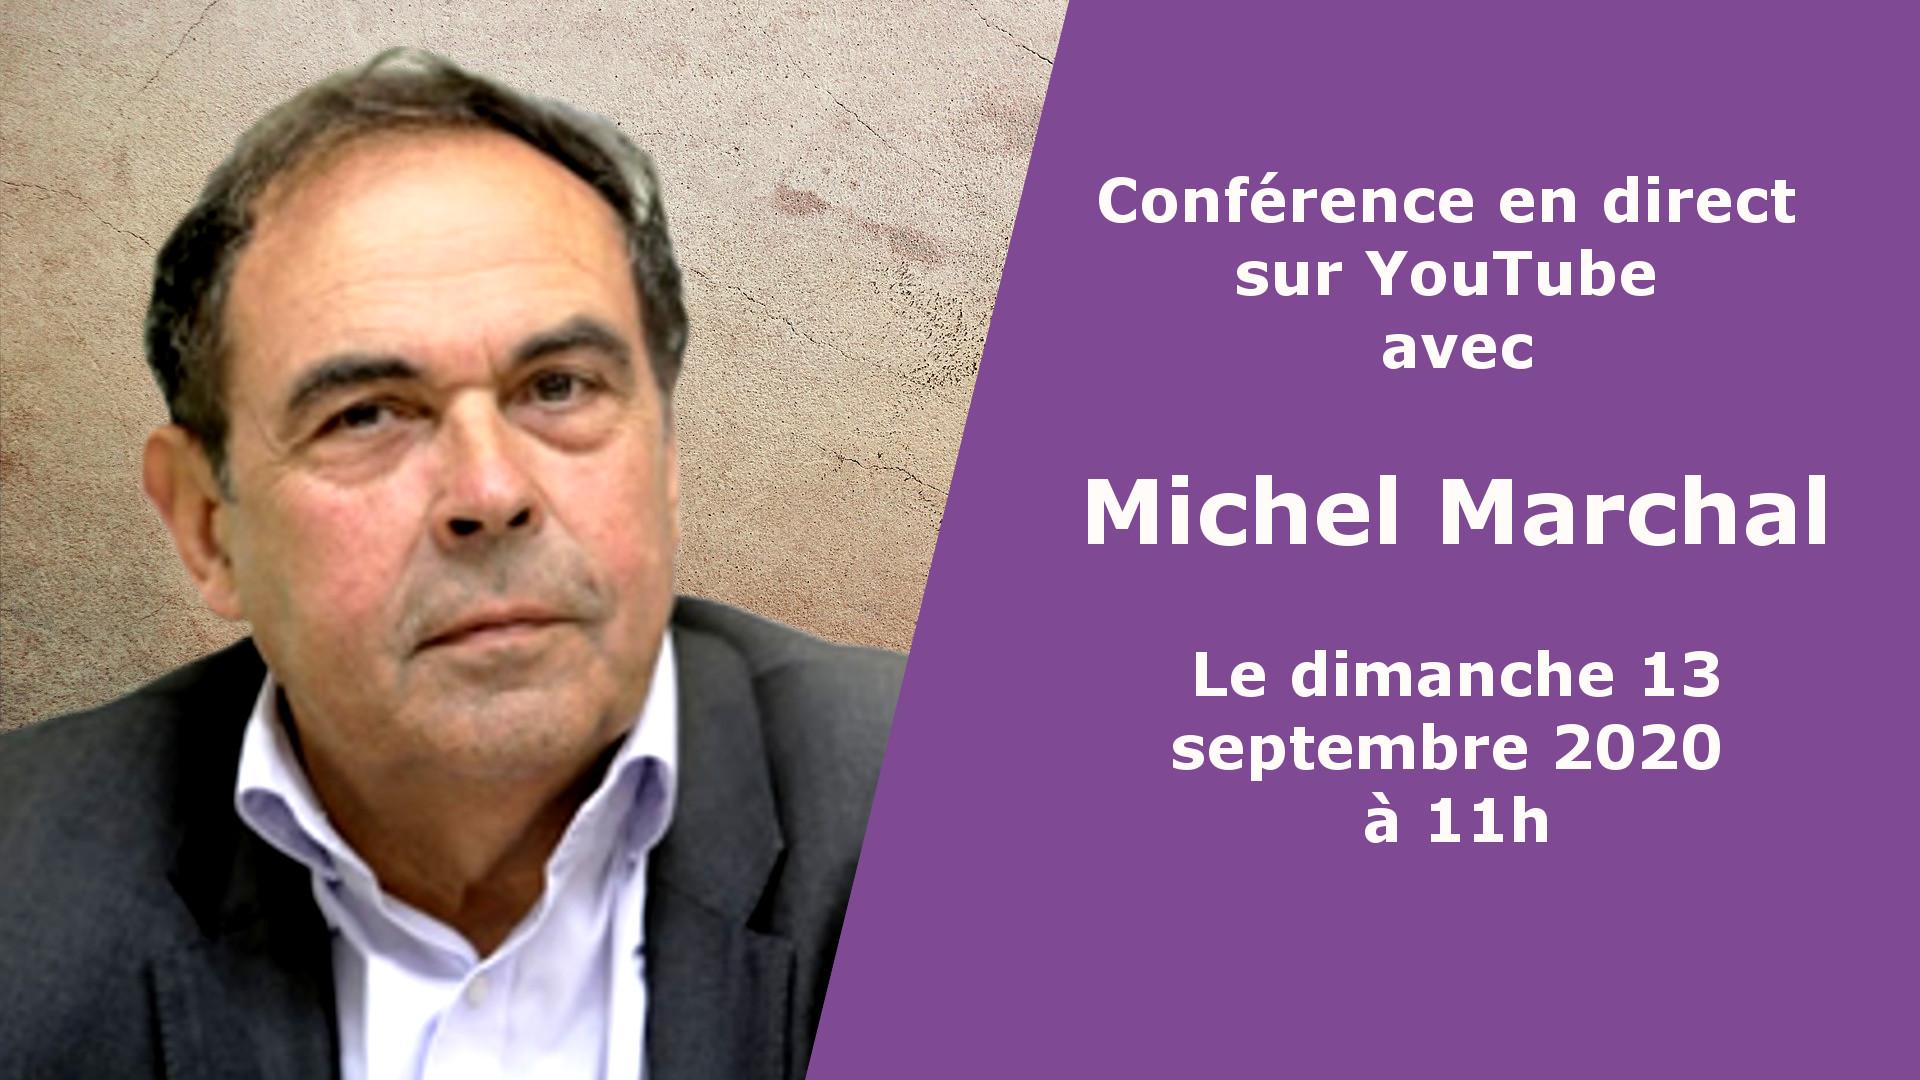 Conférence de Michel Marchal